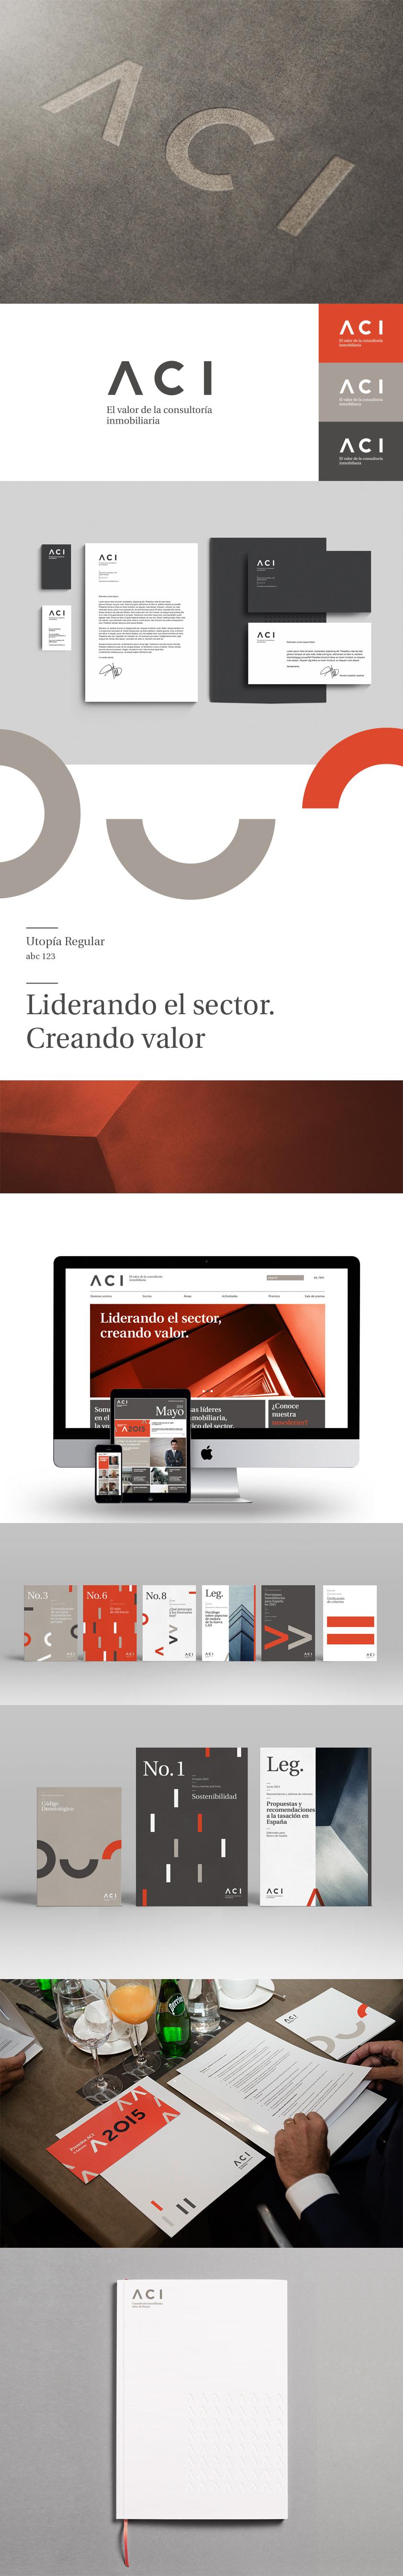 Diseño_CASE_ACI.jpg